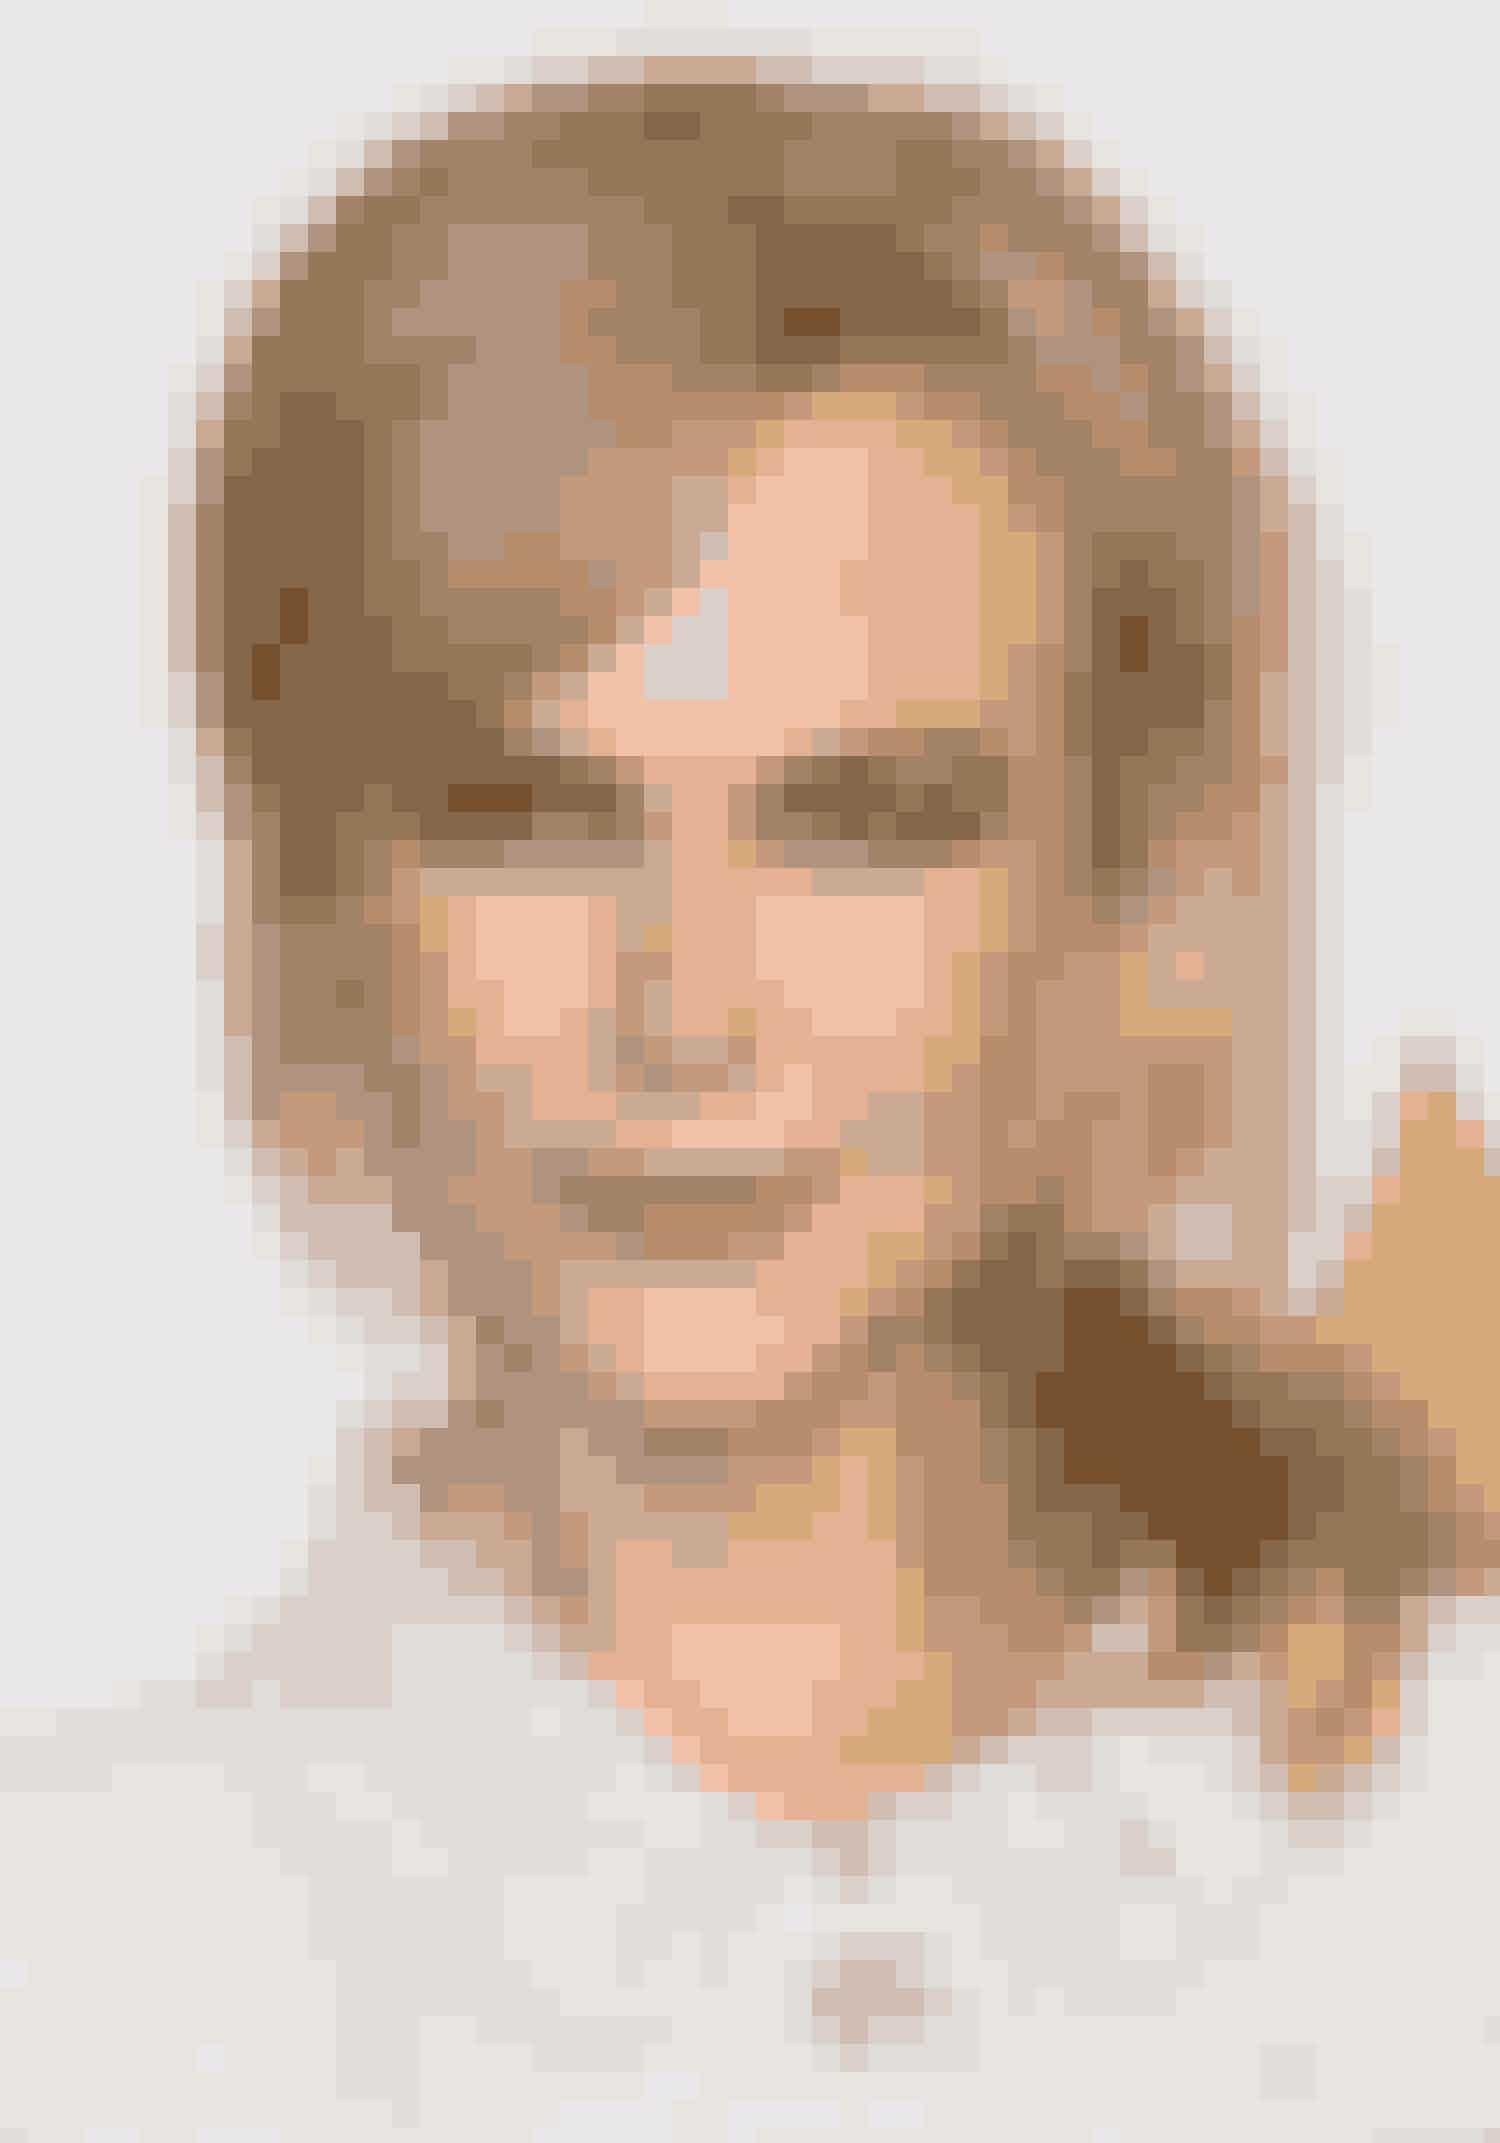 Nicole KidmanSørg for masser af fylde i bunden, hvis du vil kopiere Nicole Kidmans løse og halvpjuskede opsætning.